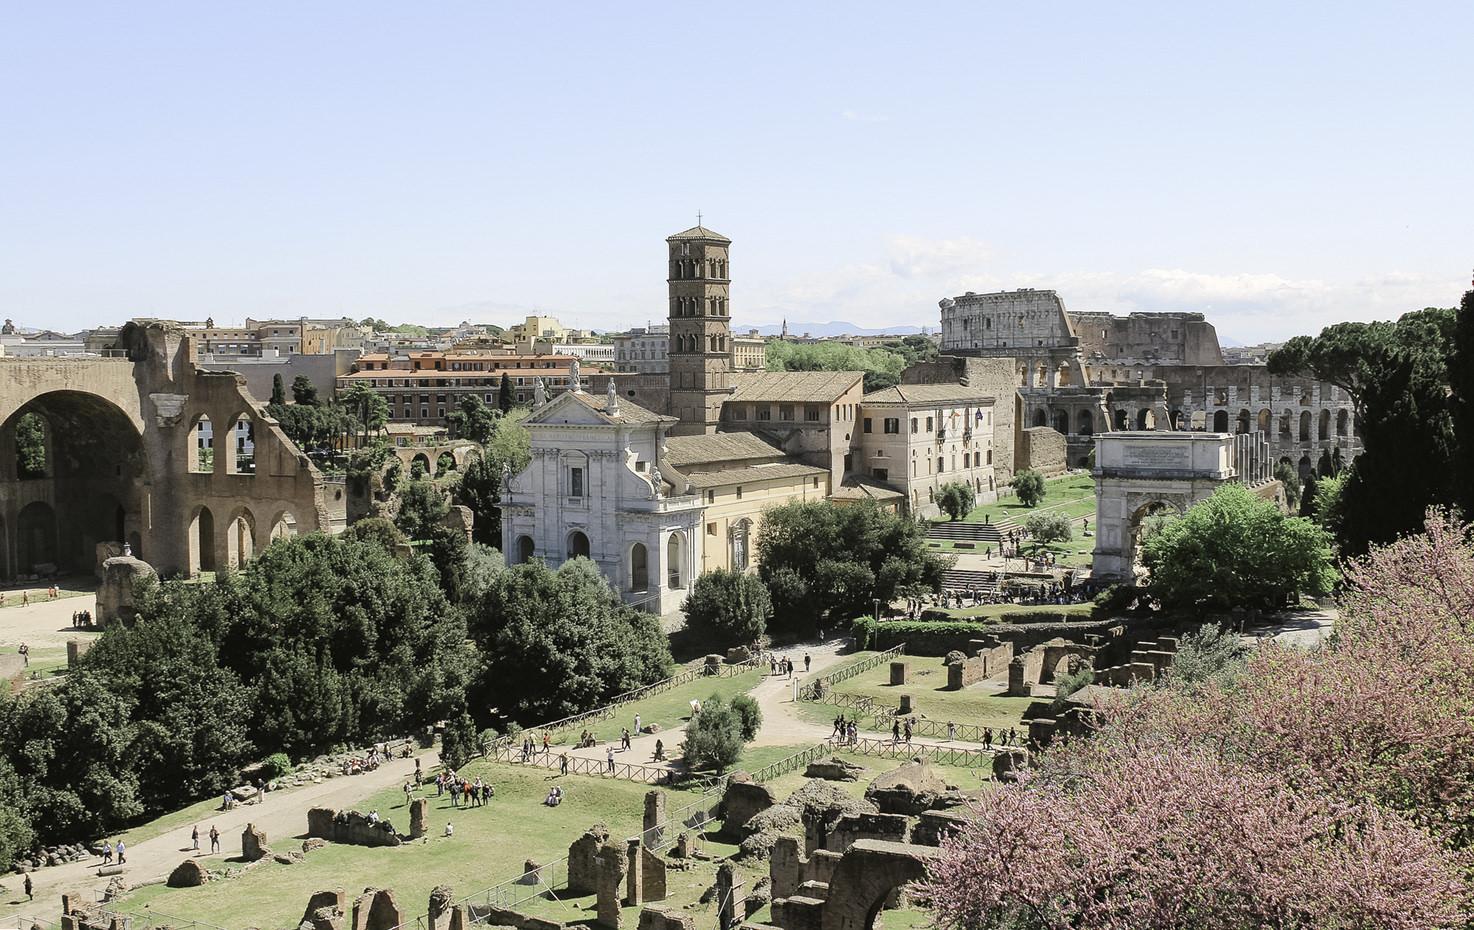 Church of Santa Francesca Romana in Rome